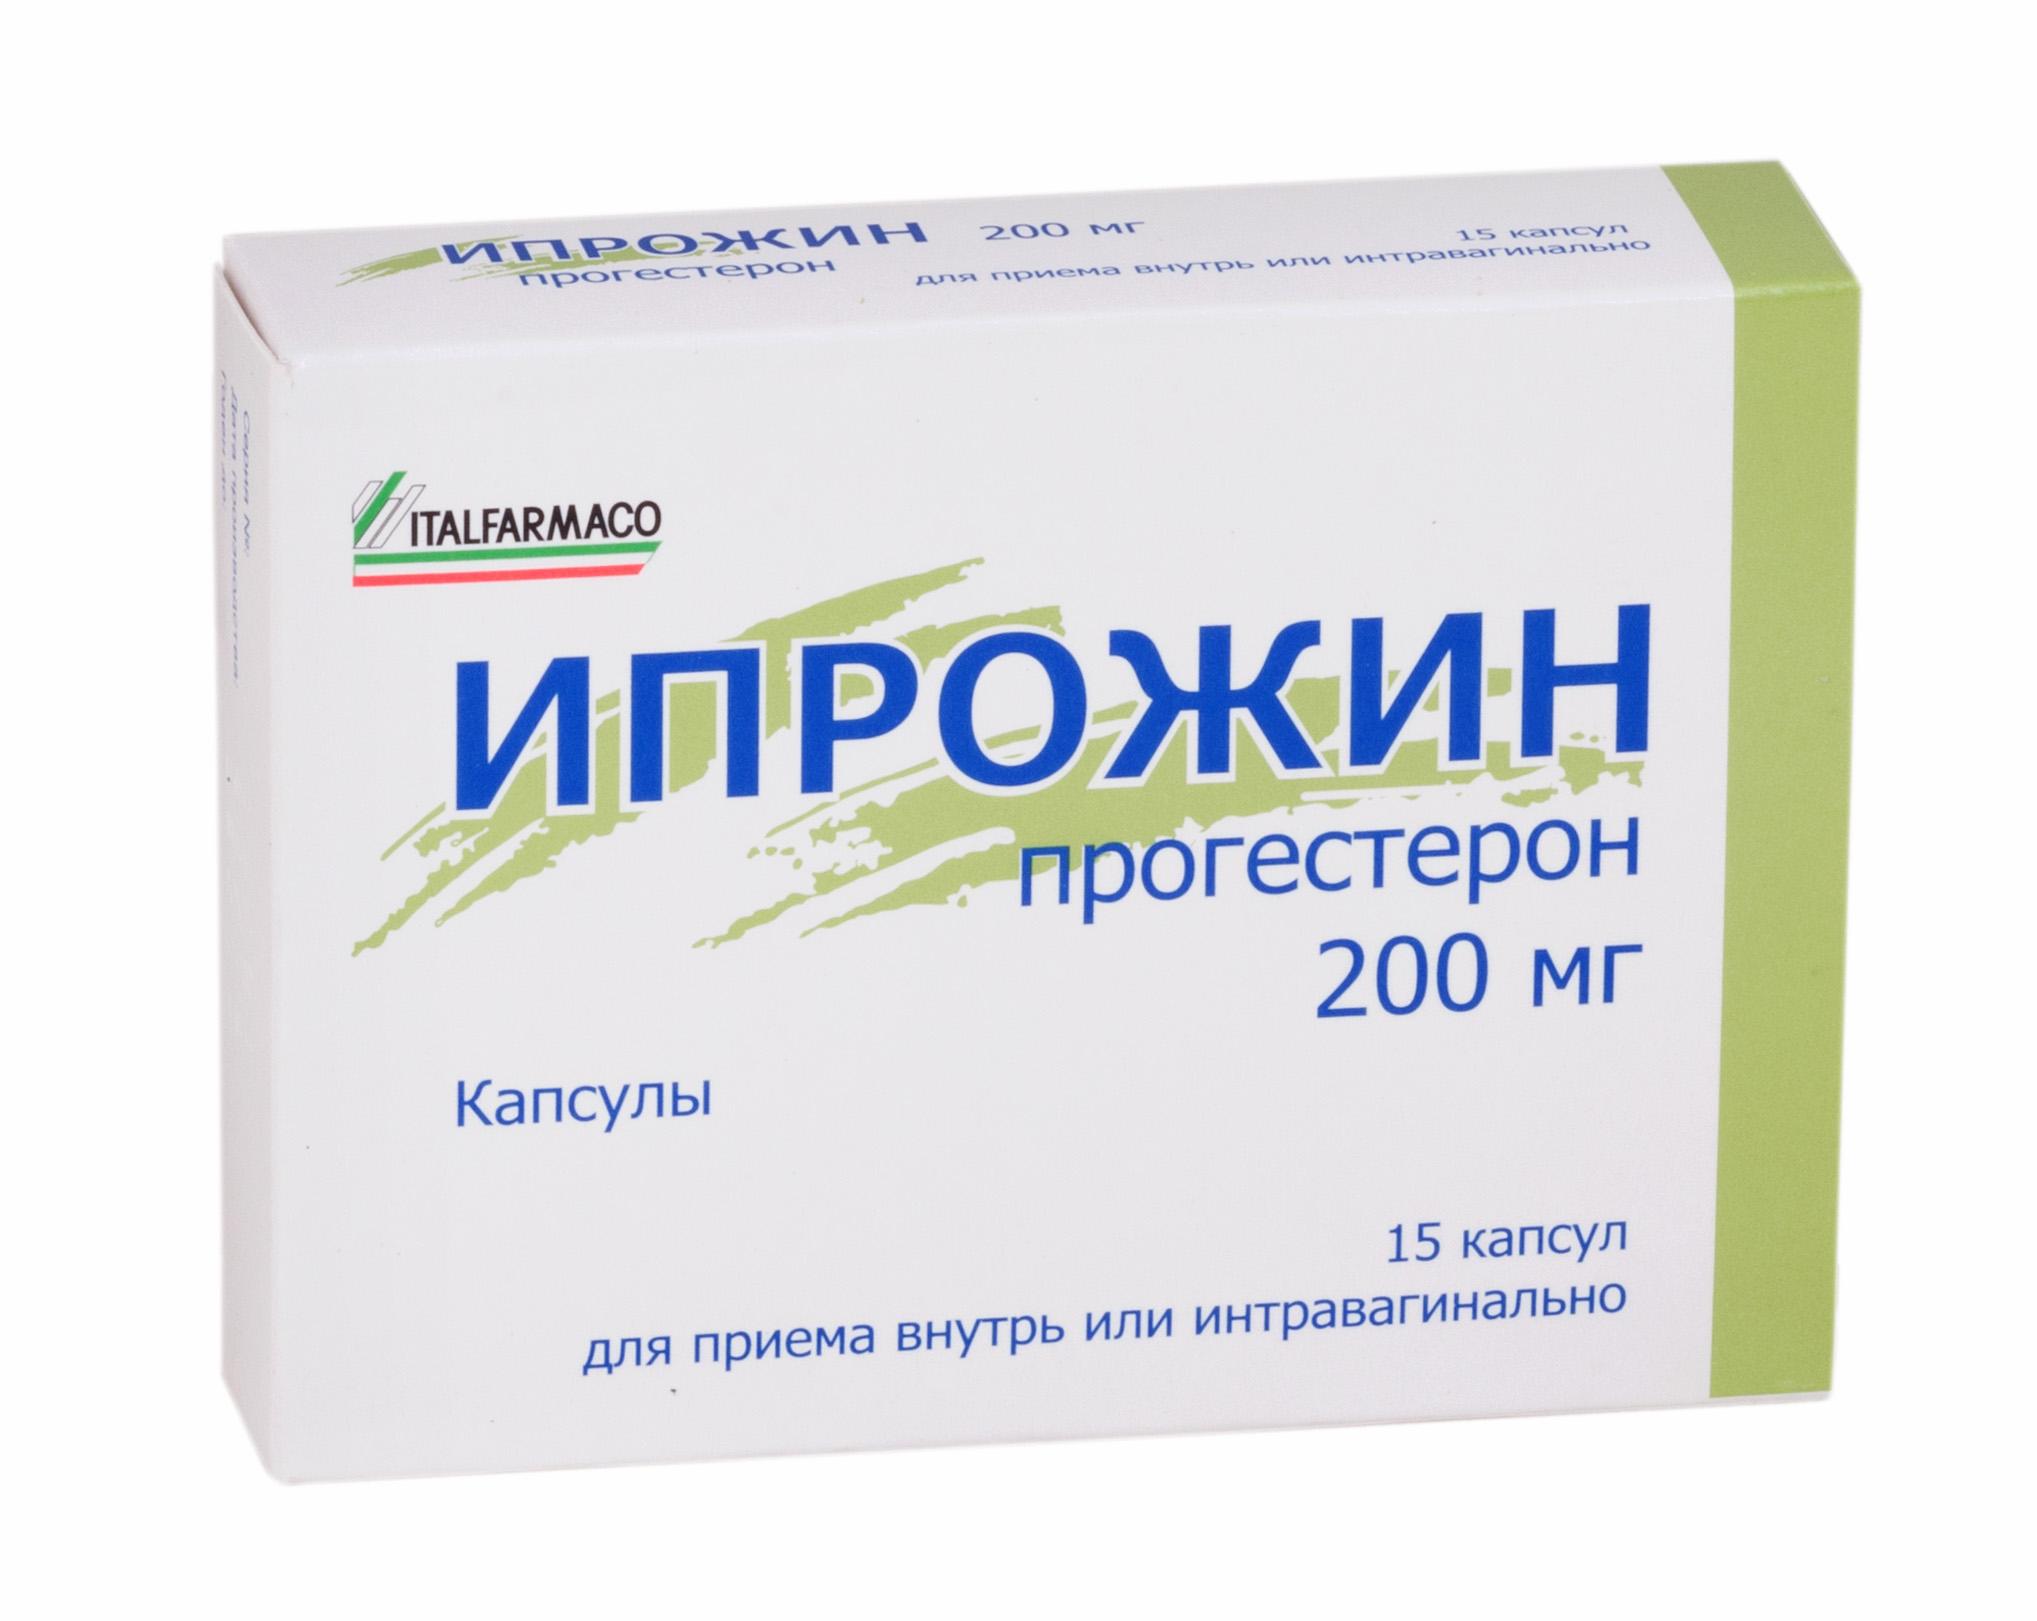 Ипрожин капс. 200 мг №15